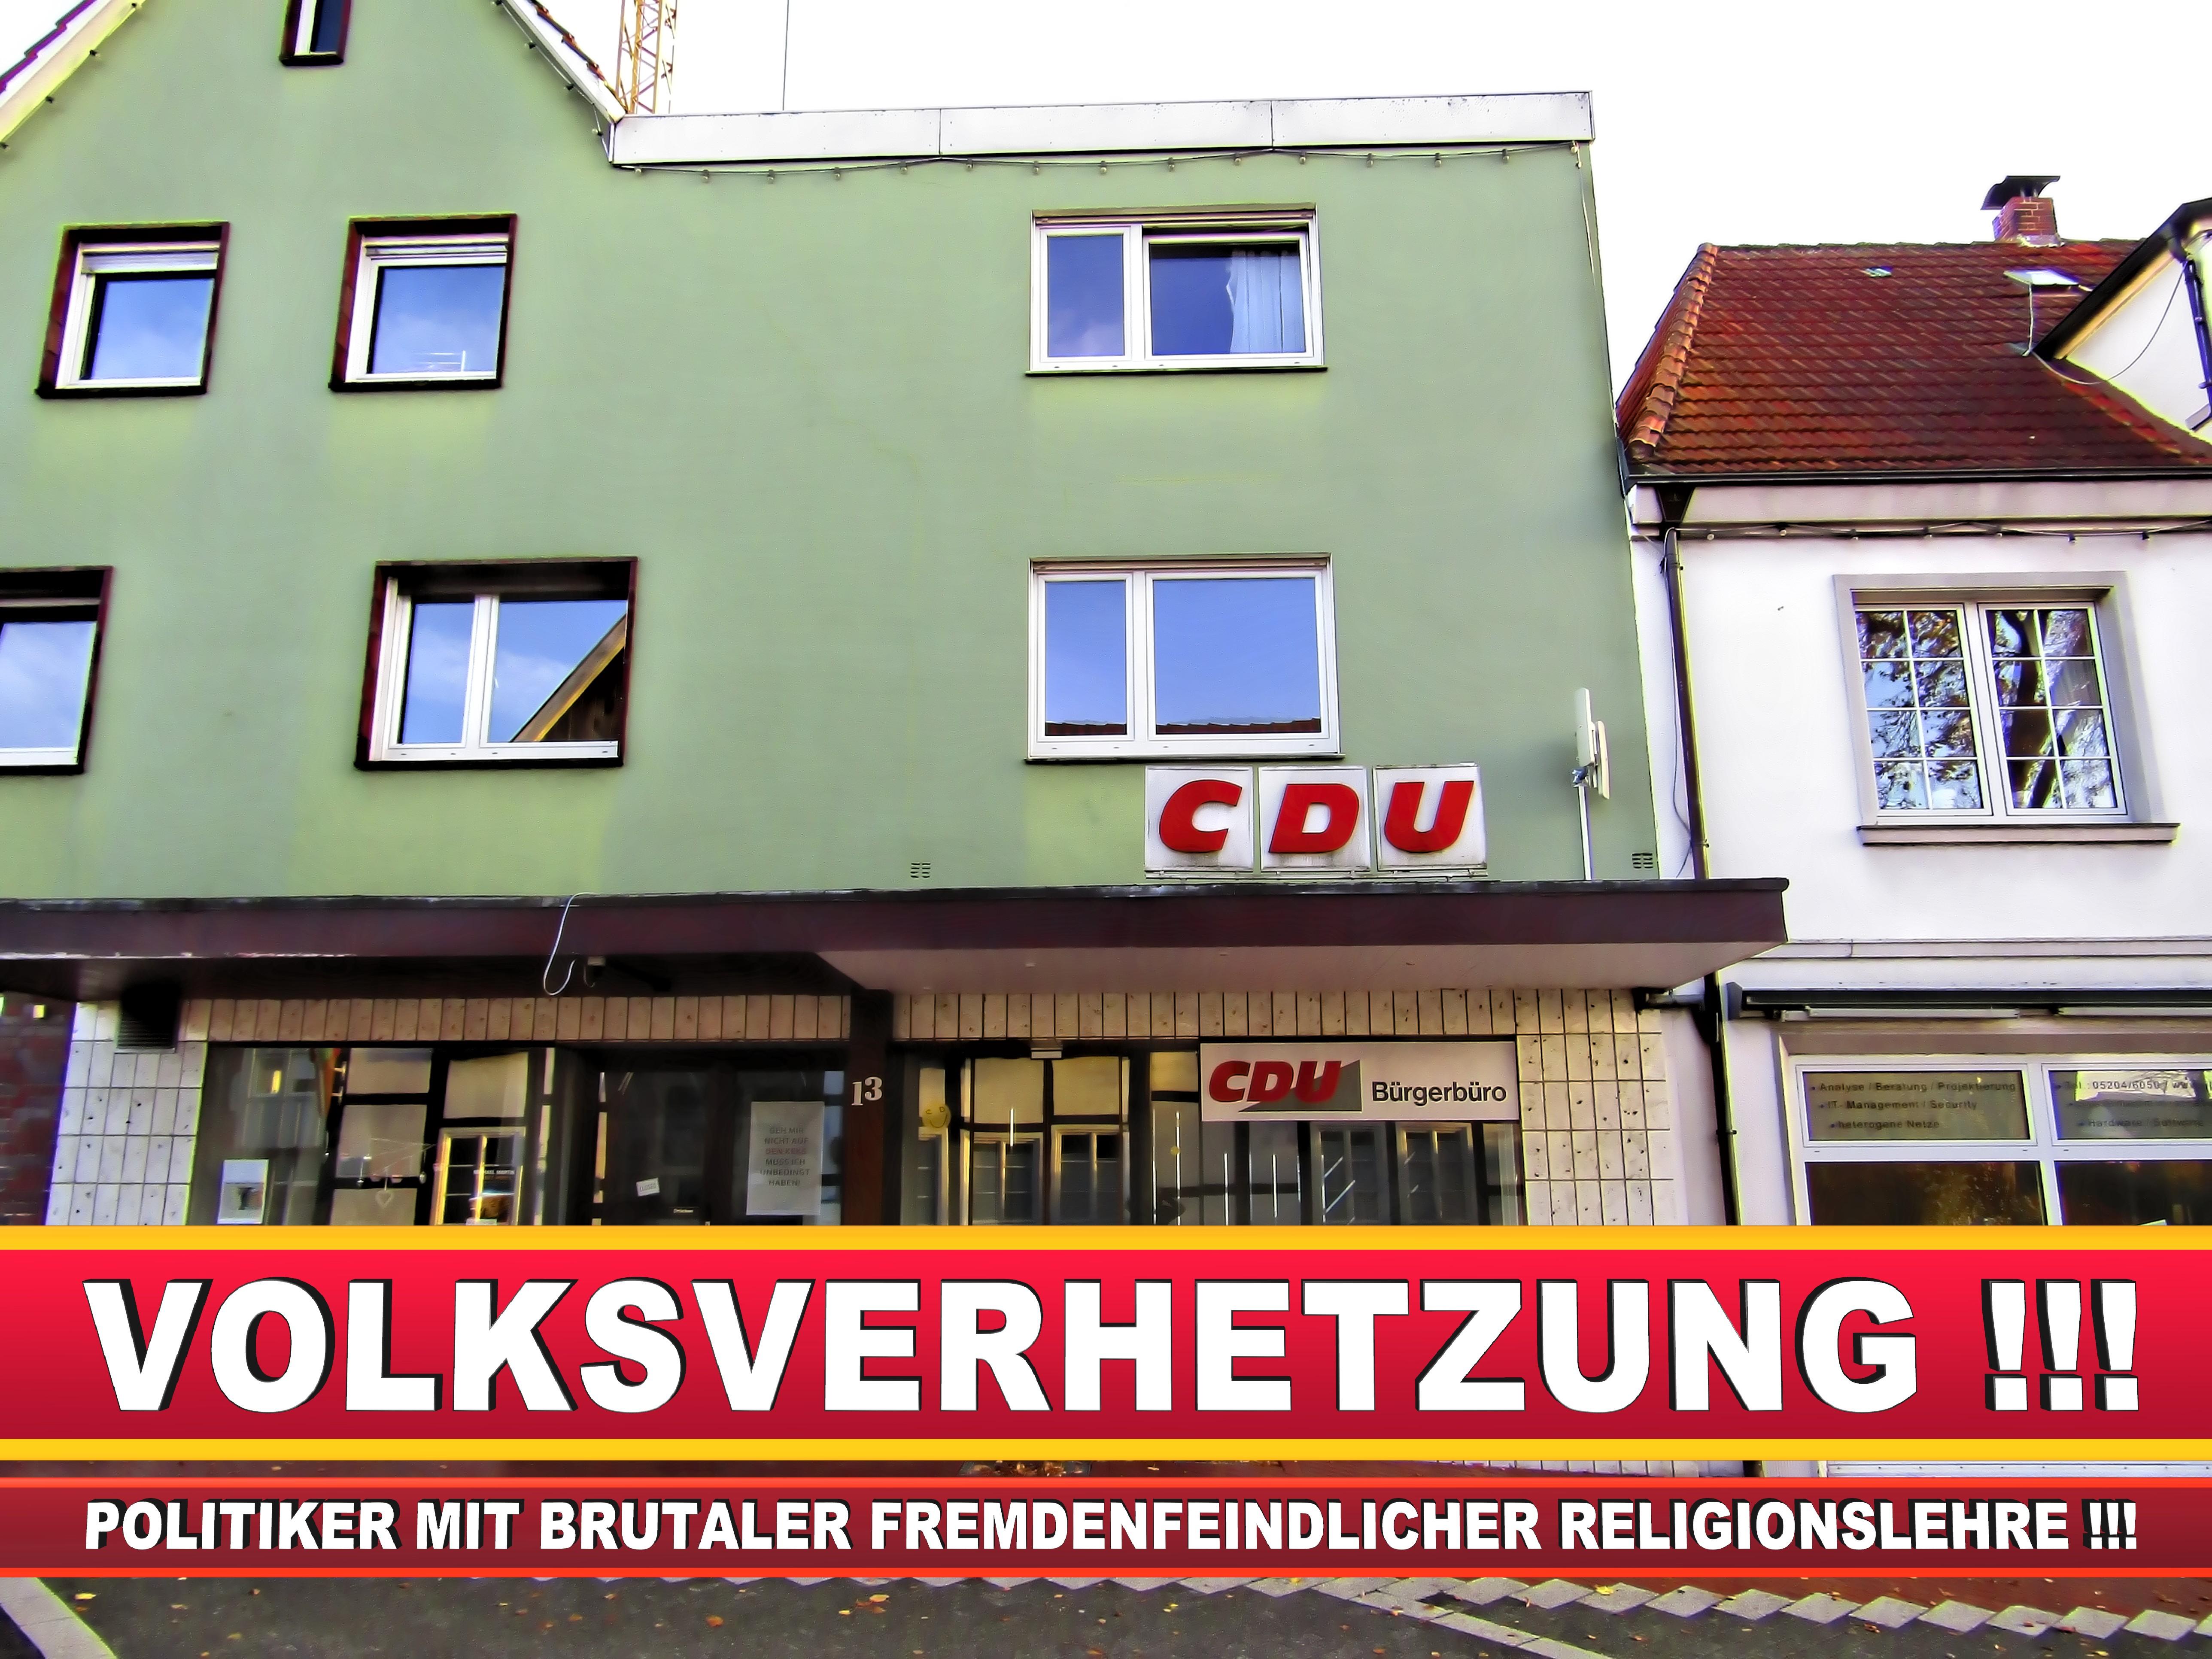 CDU GEMEINDEVERBAND STEINHAGEN AM MARKT 13 33803 STEINHAGEN NRW ORTSVERBAND CDU STEINHAGEN (1)